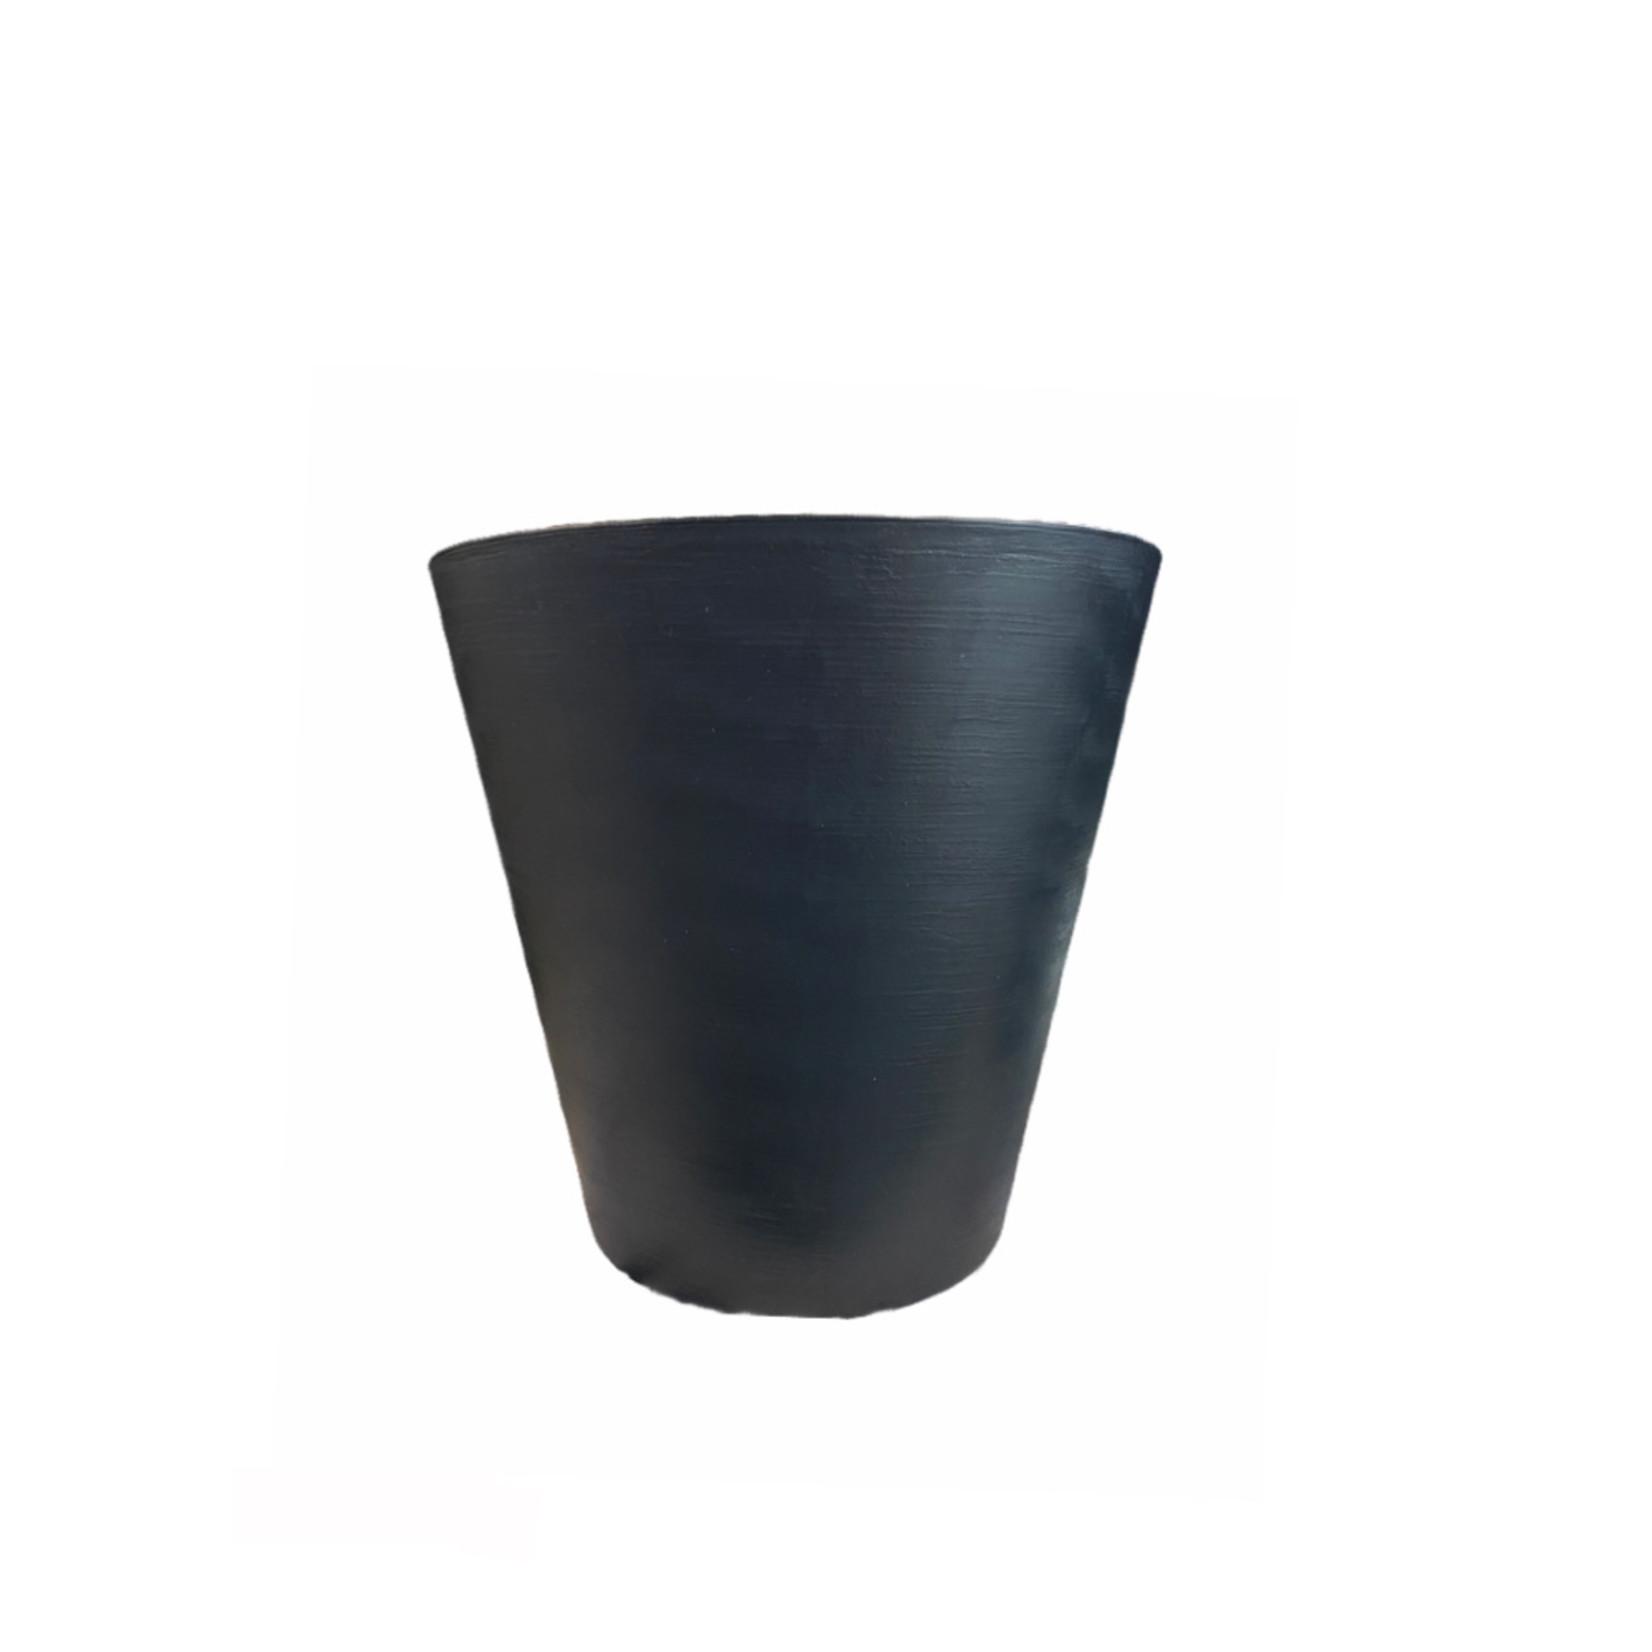 Teraplast Repot Hoop Noir 20cm